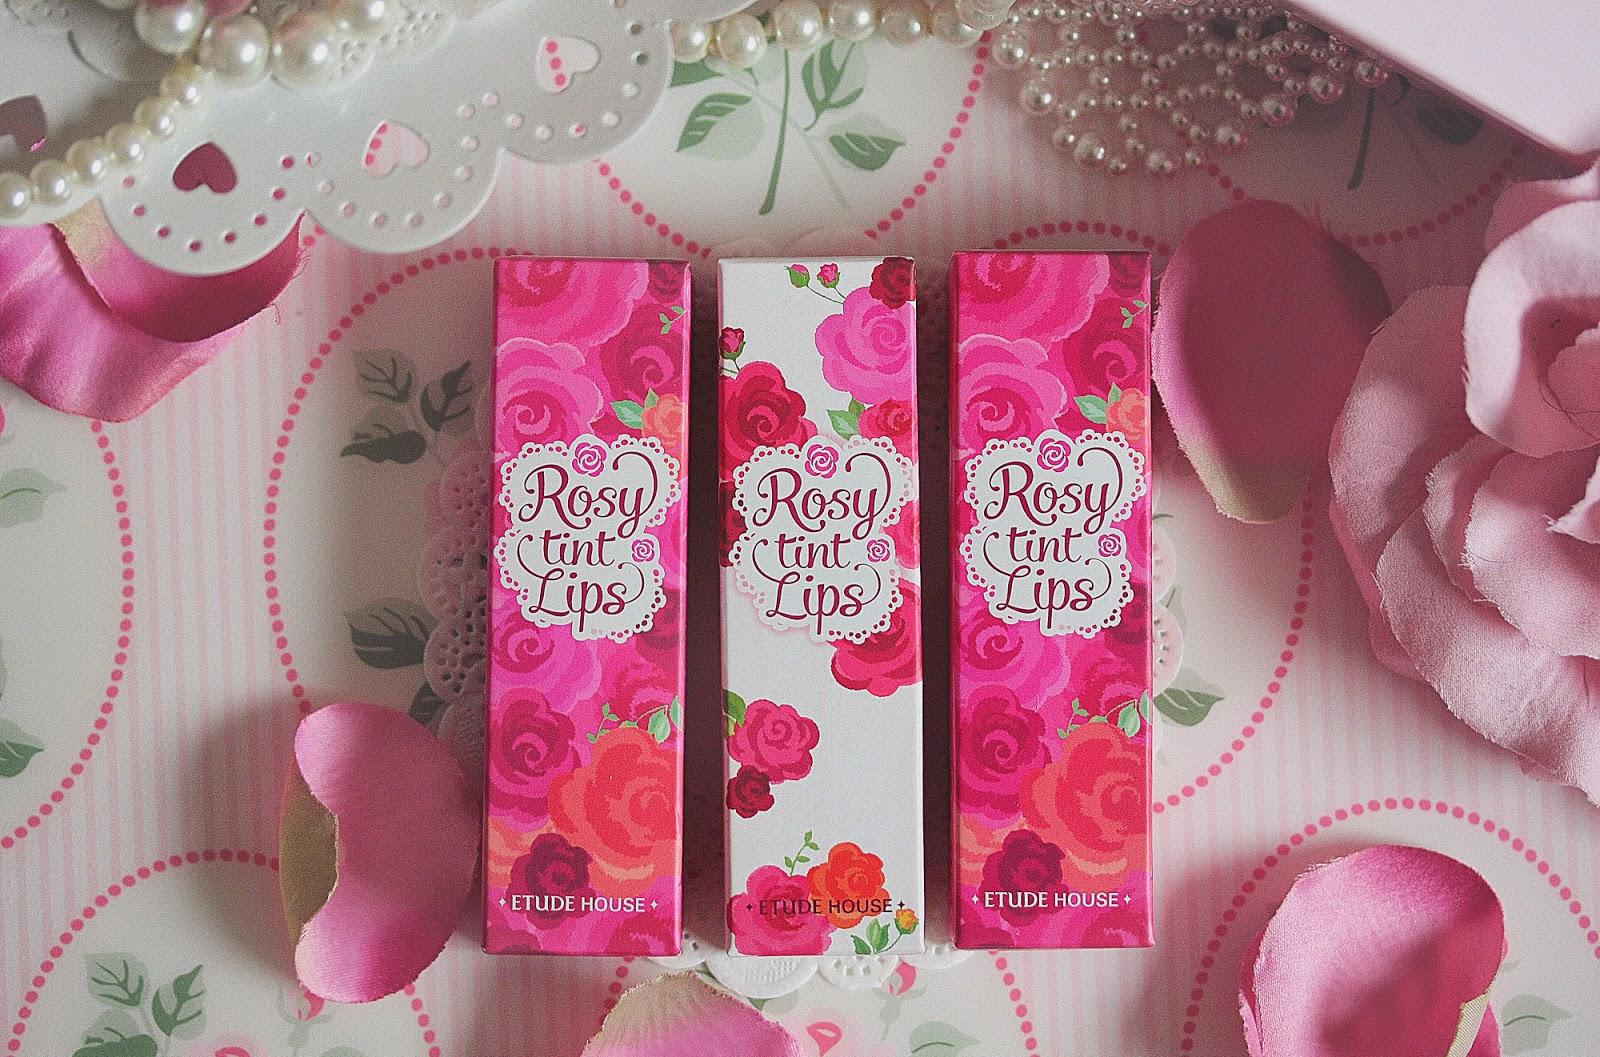 http://rosemademoiselle.blogspot.com/2014/11/etude-house-rosy-tint-lips.html